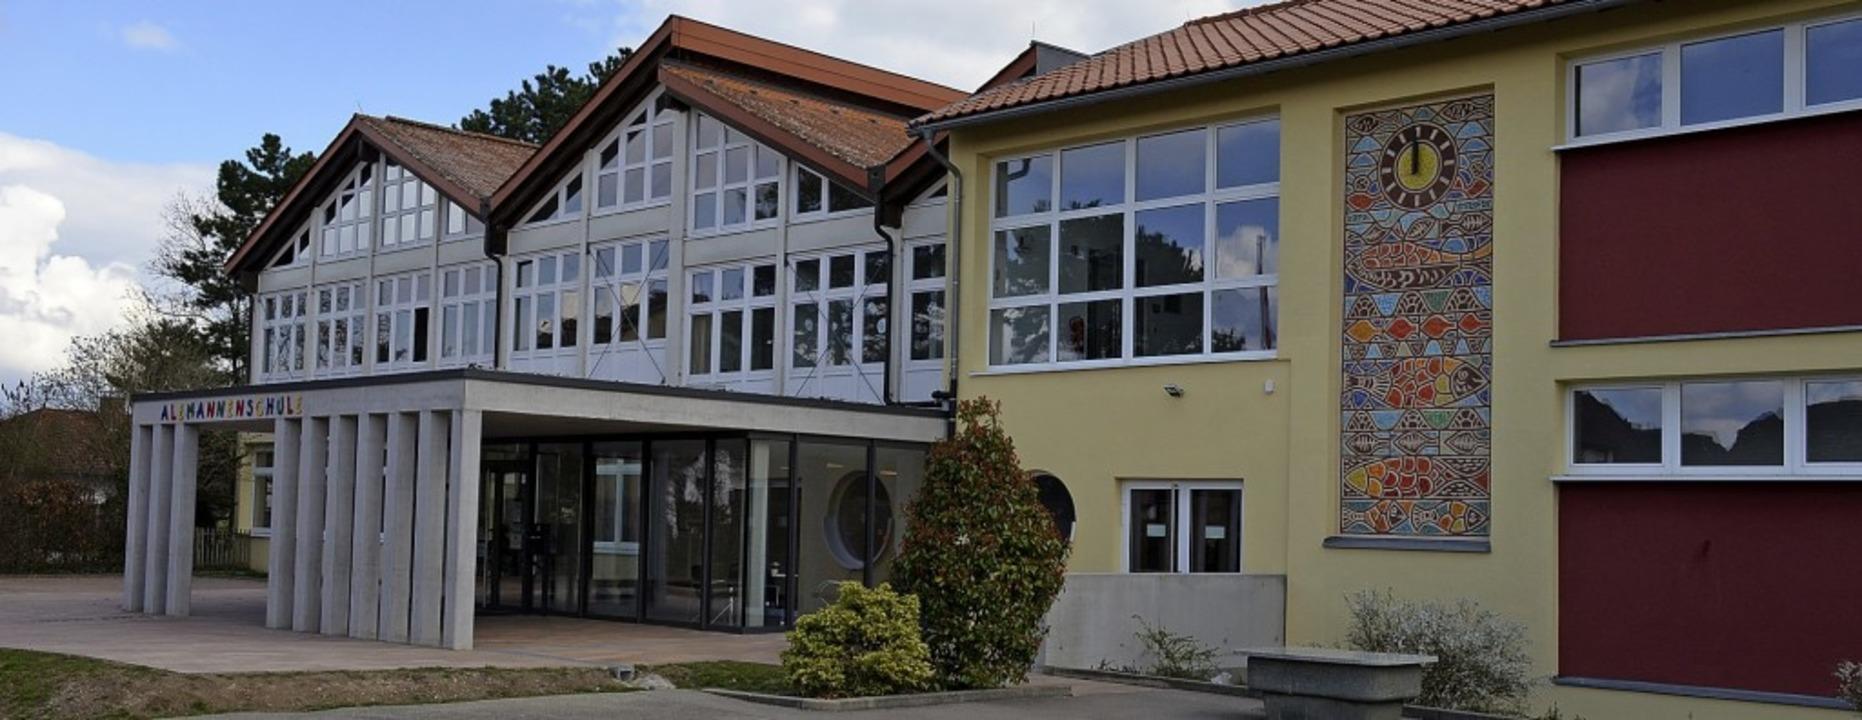 Frisch saniert, nur die Heizung (noch) nicht: Die Alemannenschule in Hartheim    | Foto: Gabriele Hennicke